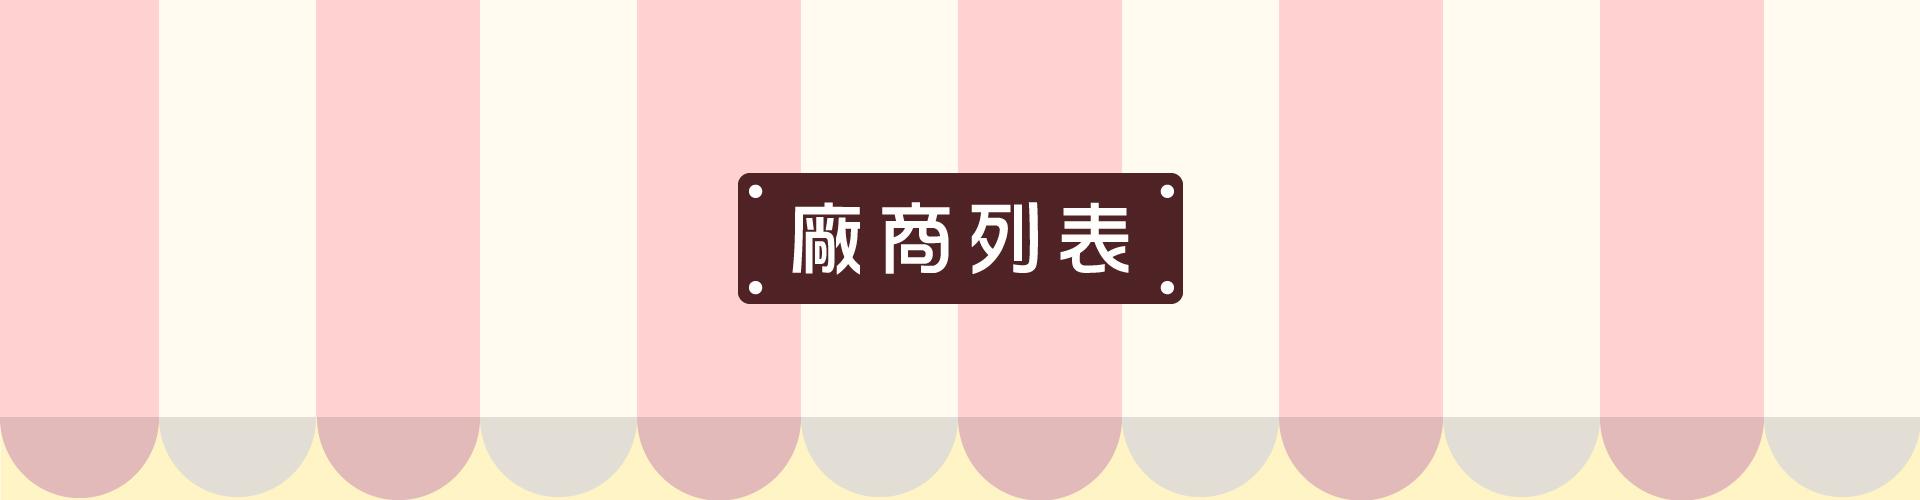 廠商列表 -09/10-09/14臺北秋季美容展|聯合線上股份有限公司